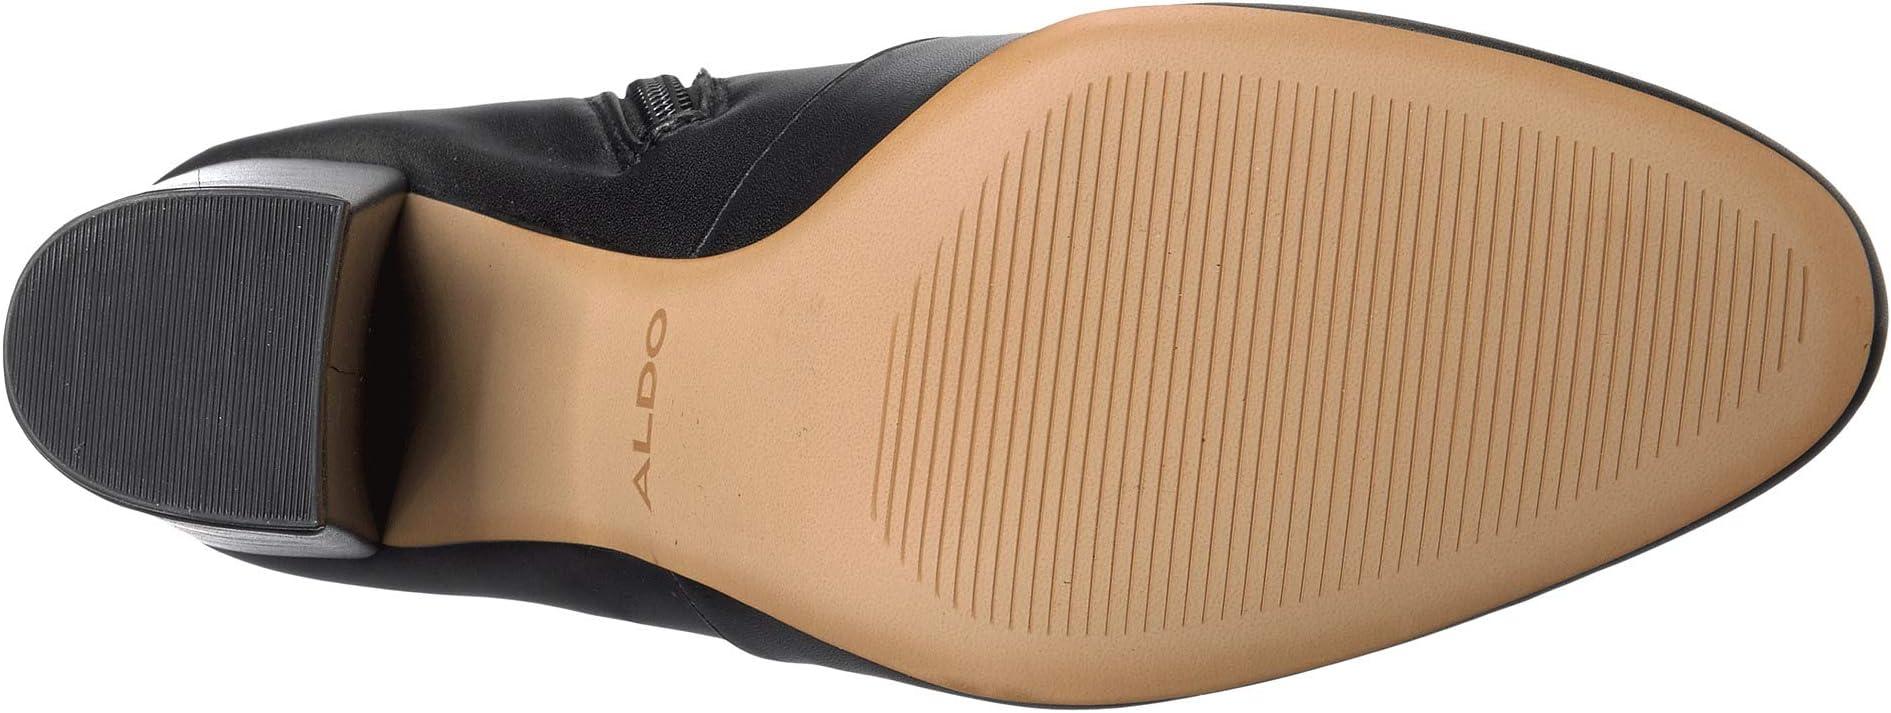 ALDO Maede | Women's shoes | 2020 Newest